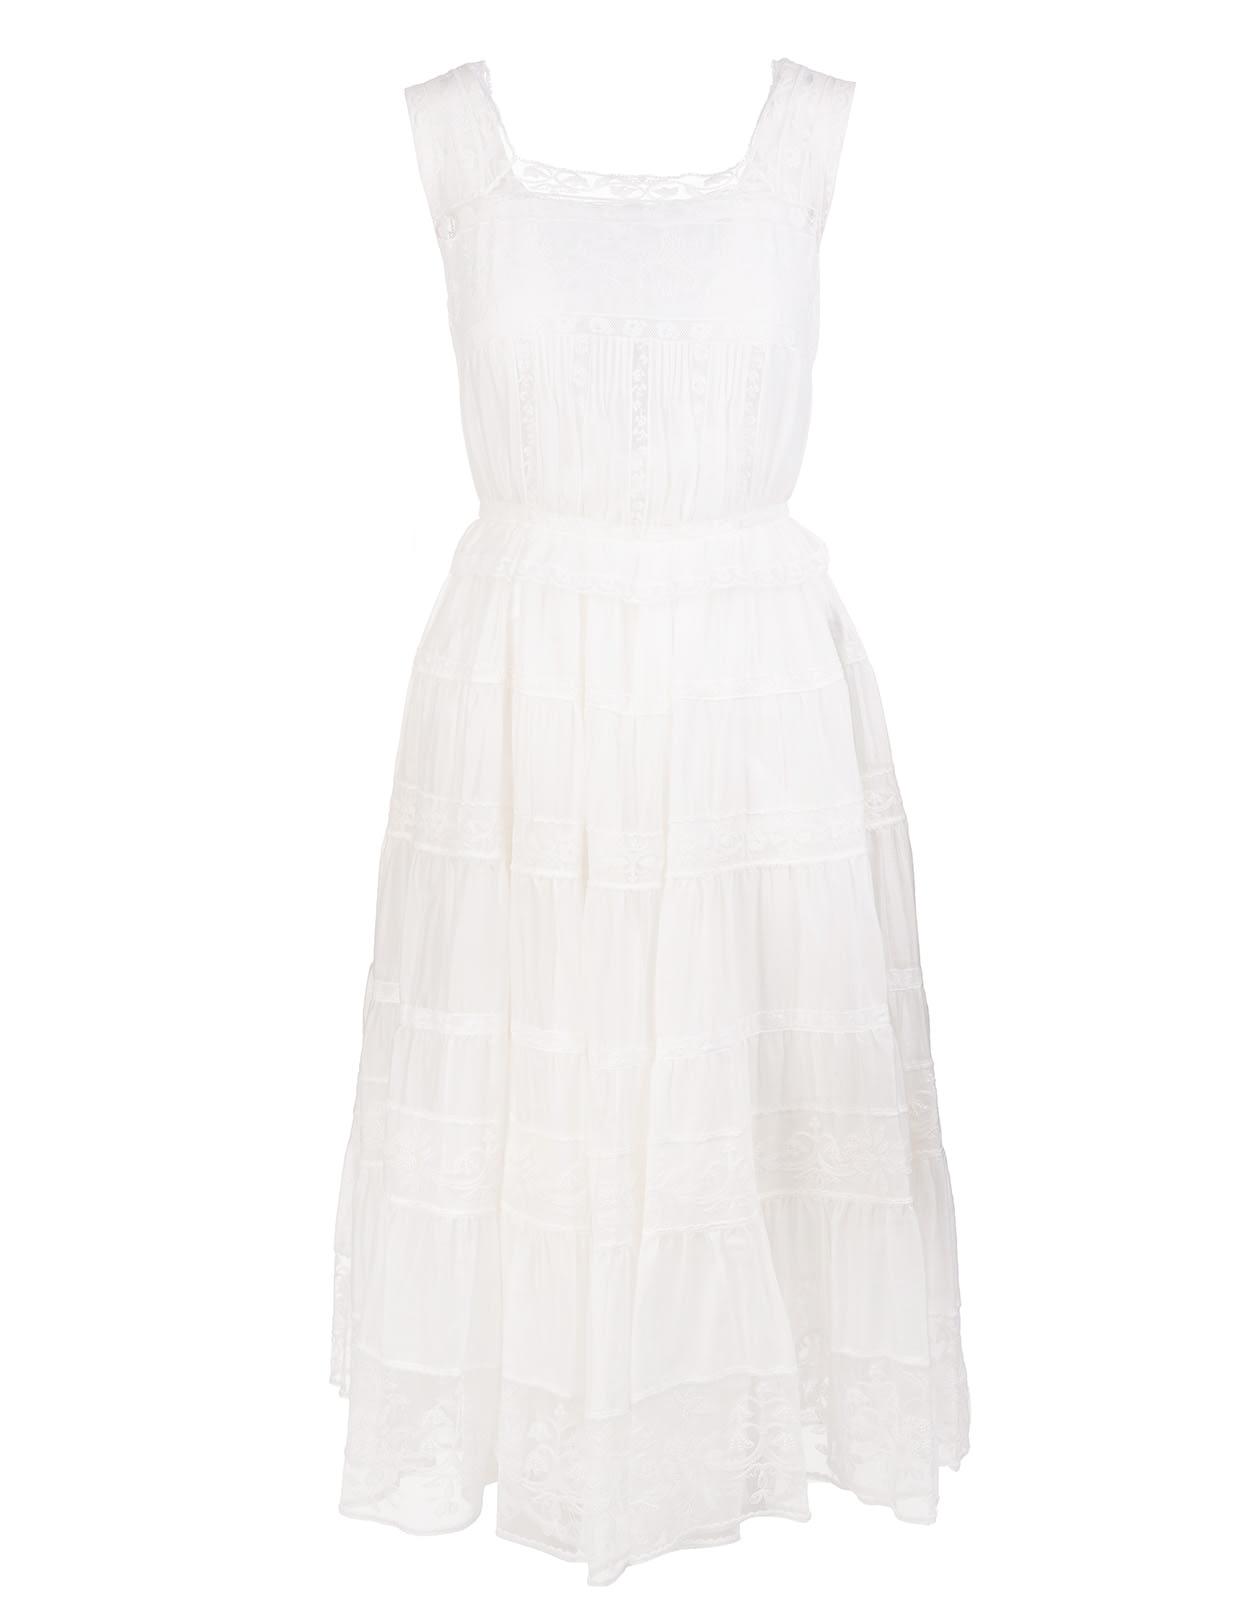 Ermanno Scervino White Midi Dress With Lace Inserts